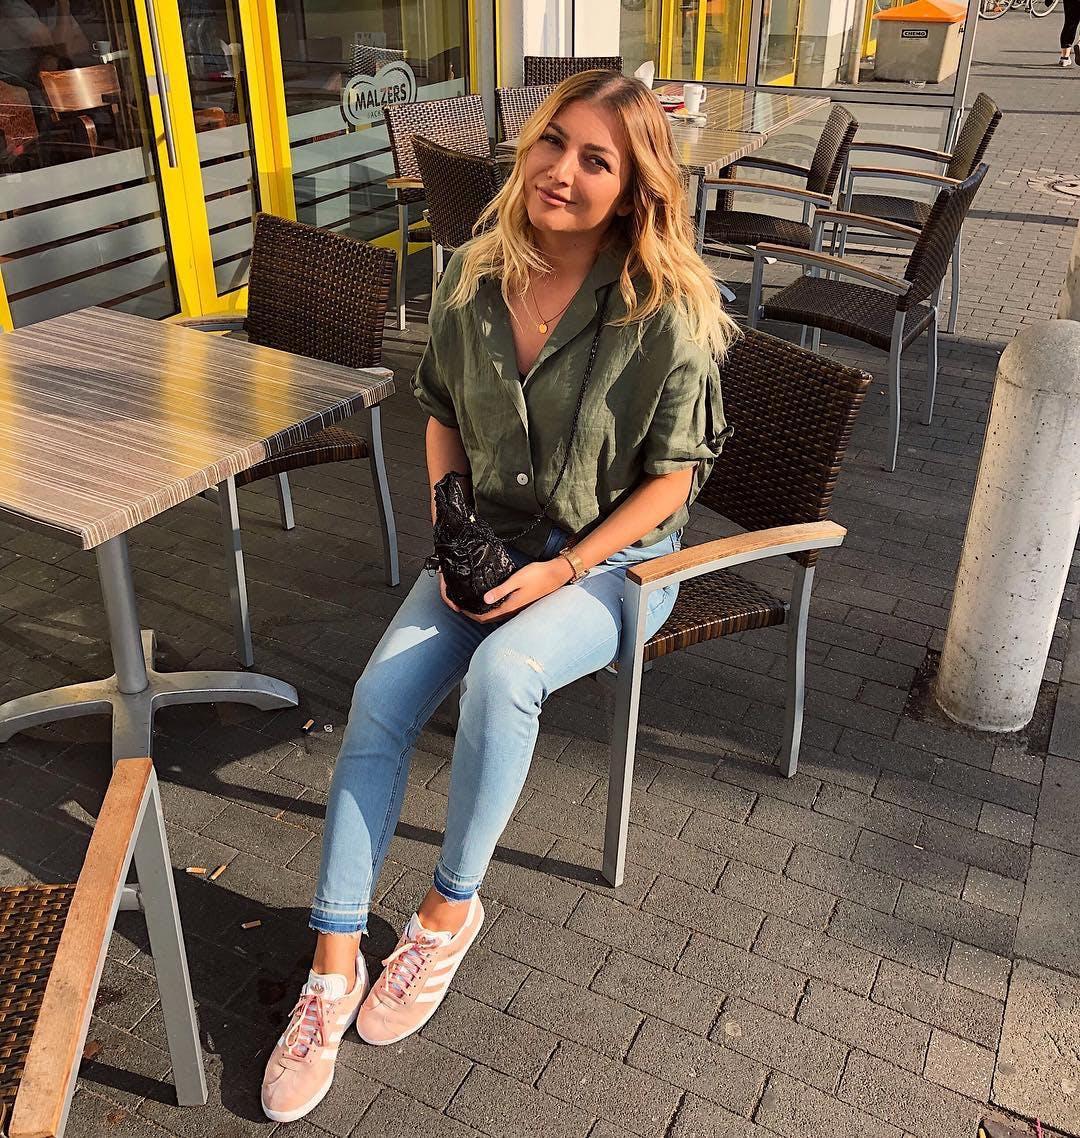 Köp adidas Originals Gazelle Vapour Pink F16WhiteGold Met